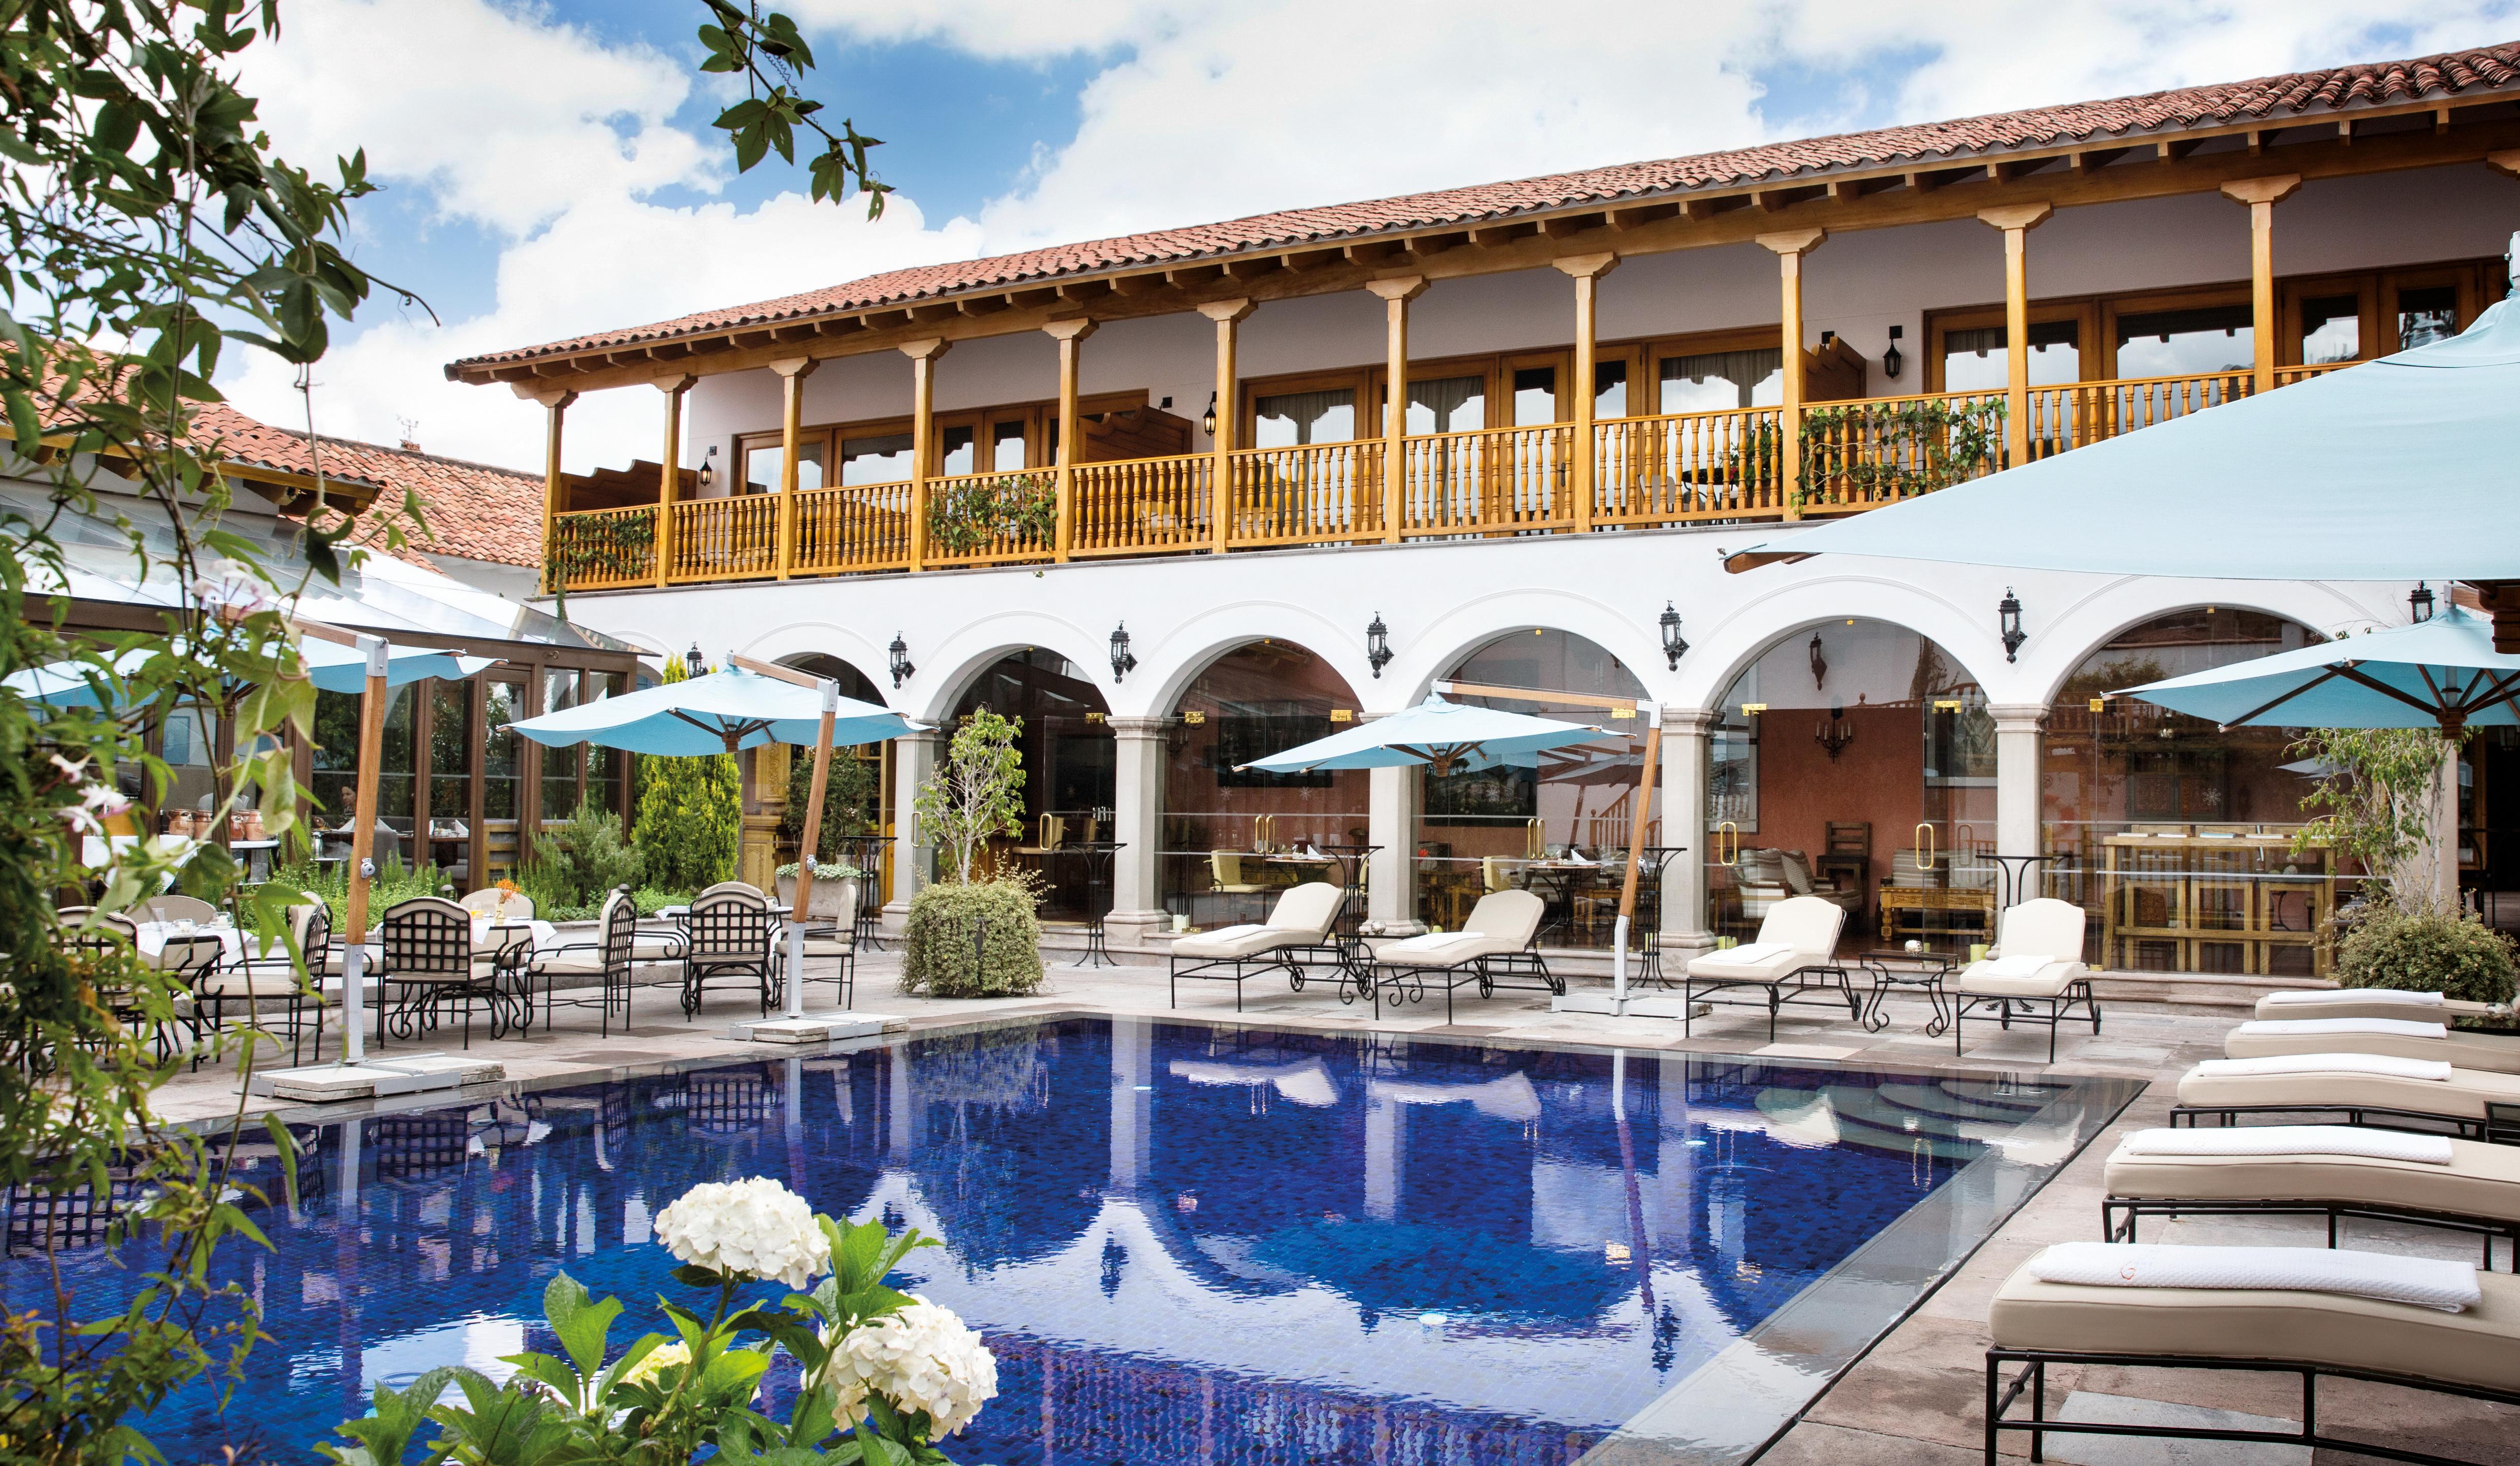 palacio-nazarenas-cuzco-pool